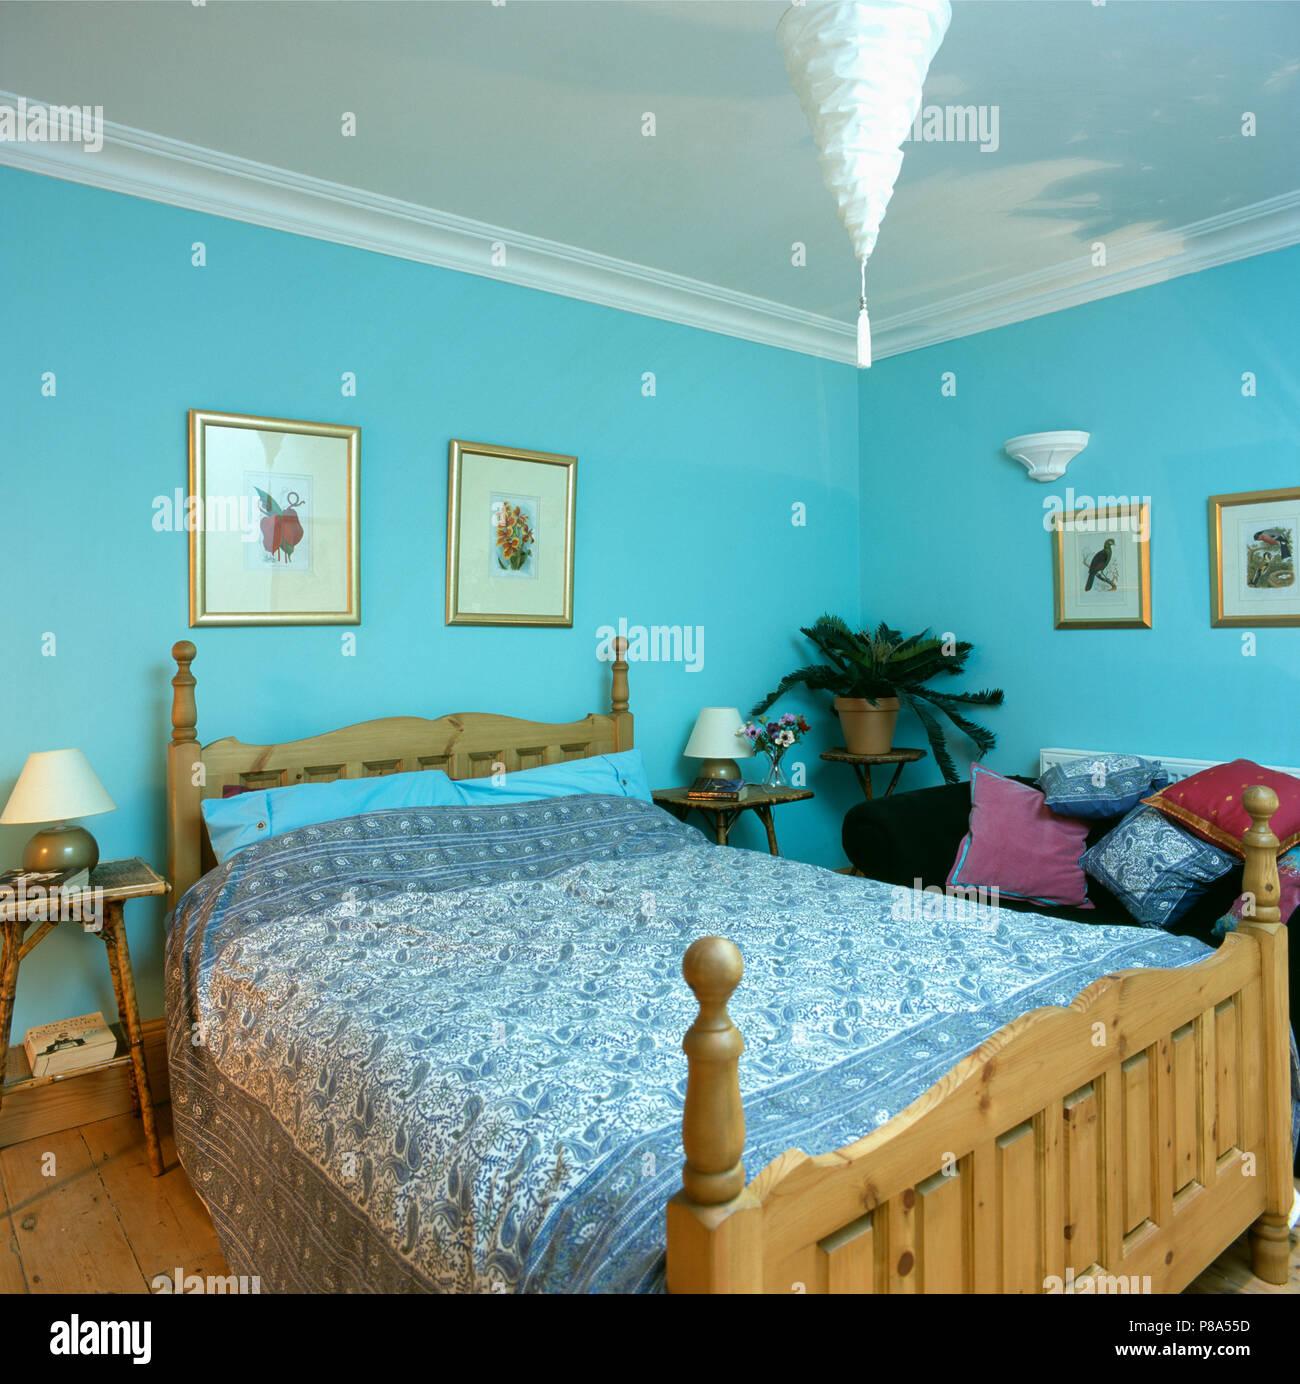 Blau + weiß Paisley Bezüge auf pine Bett in Pastelltönen türkis ...